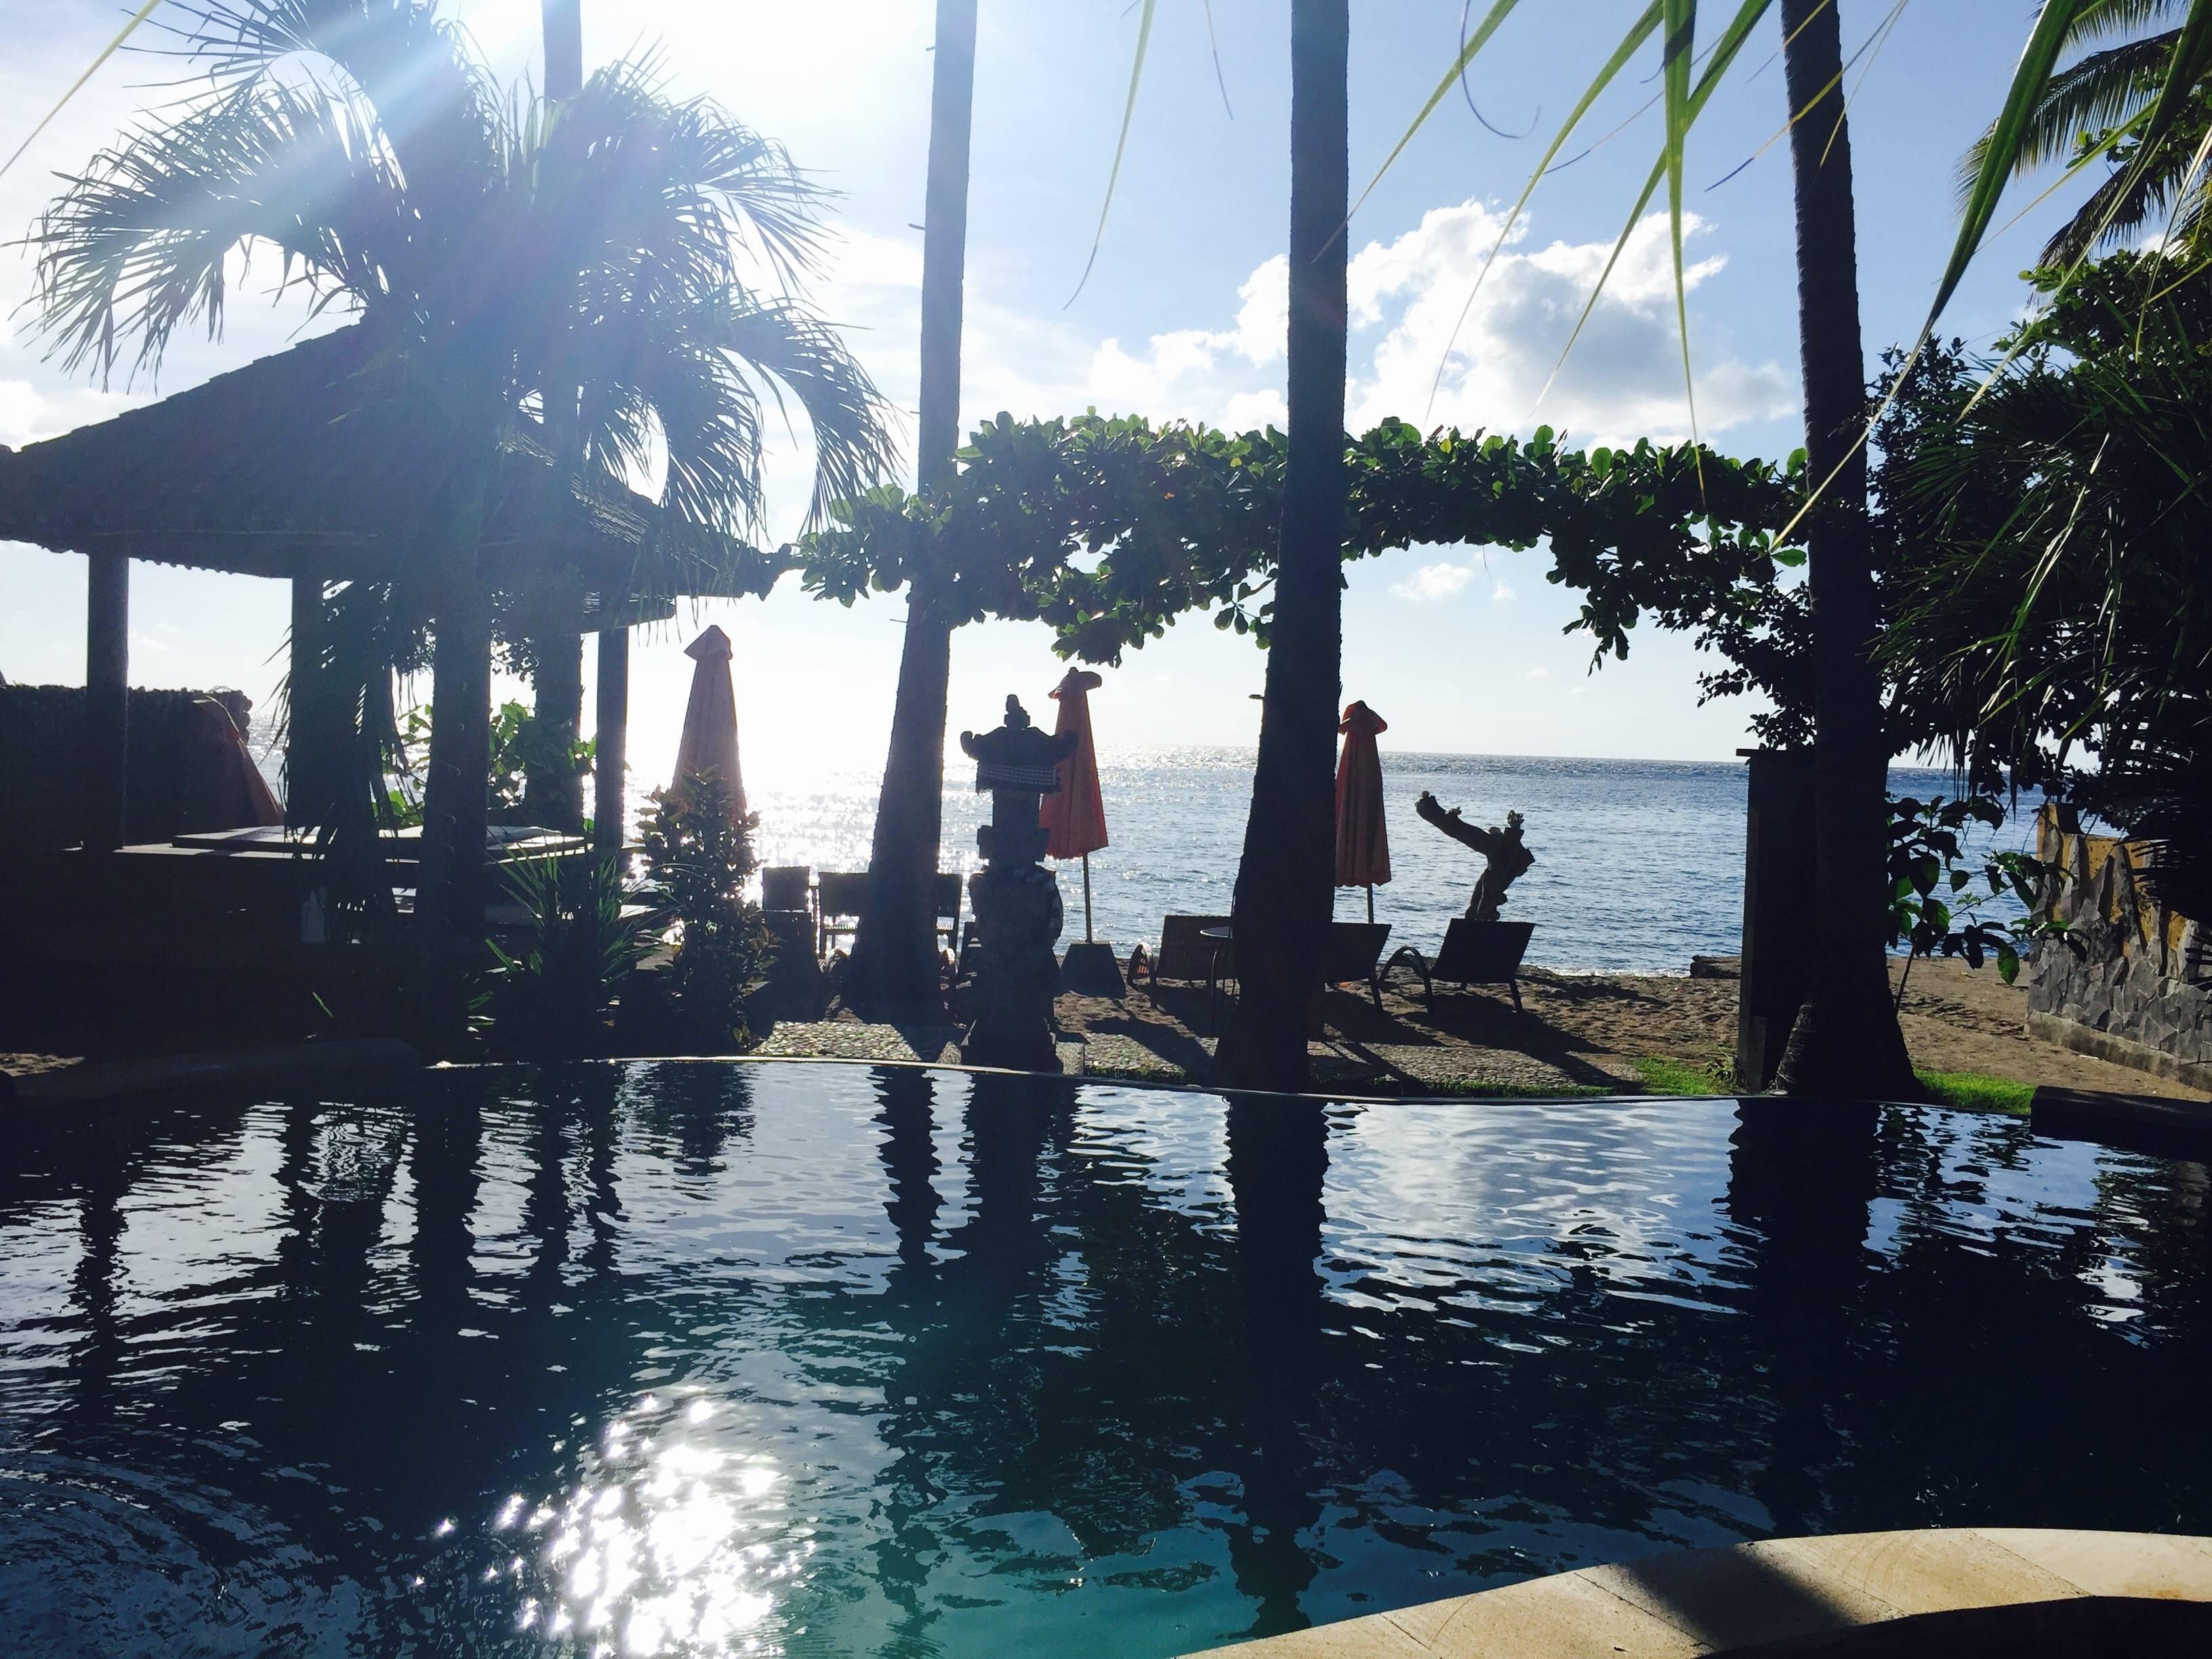 Photo 1: Amed (Bali) / l'idéal pour des passionées du snorkeling